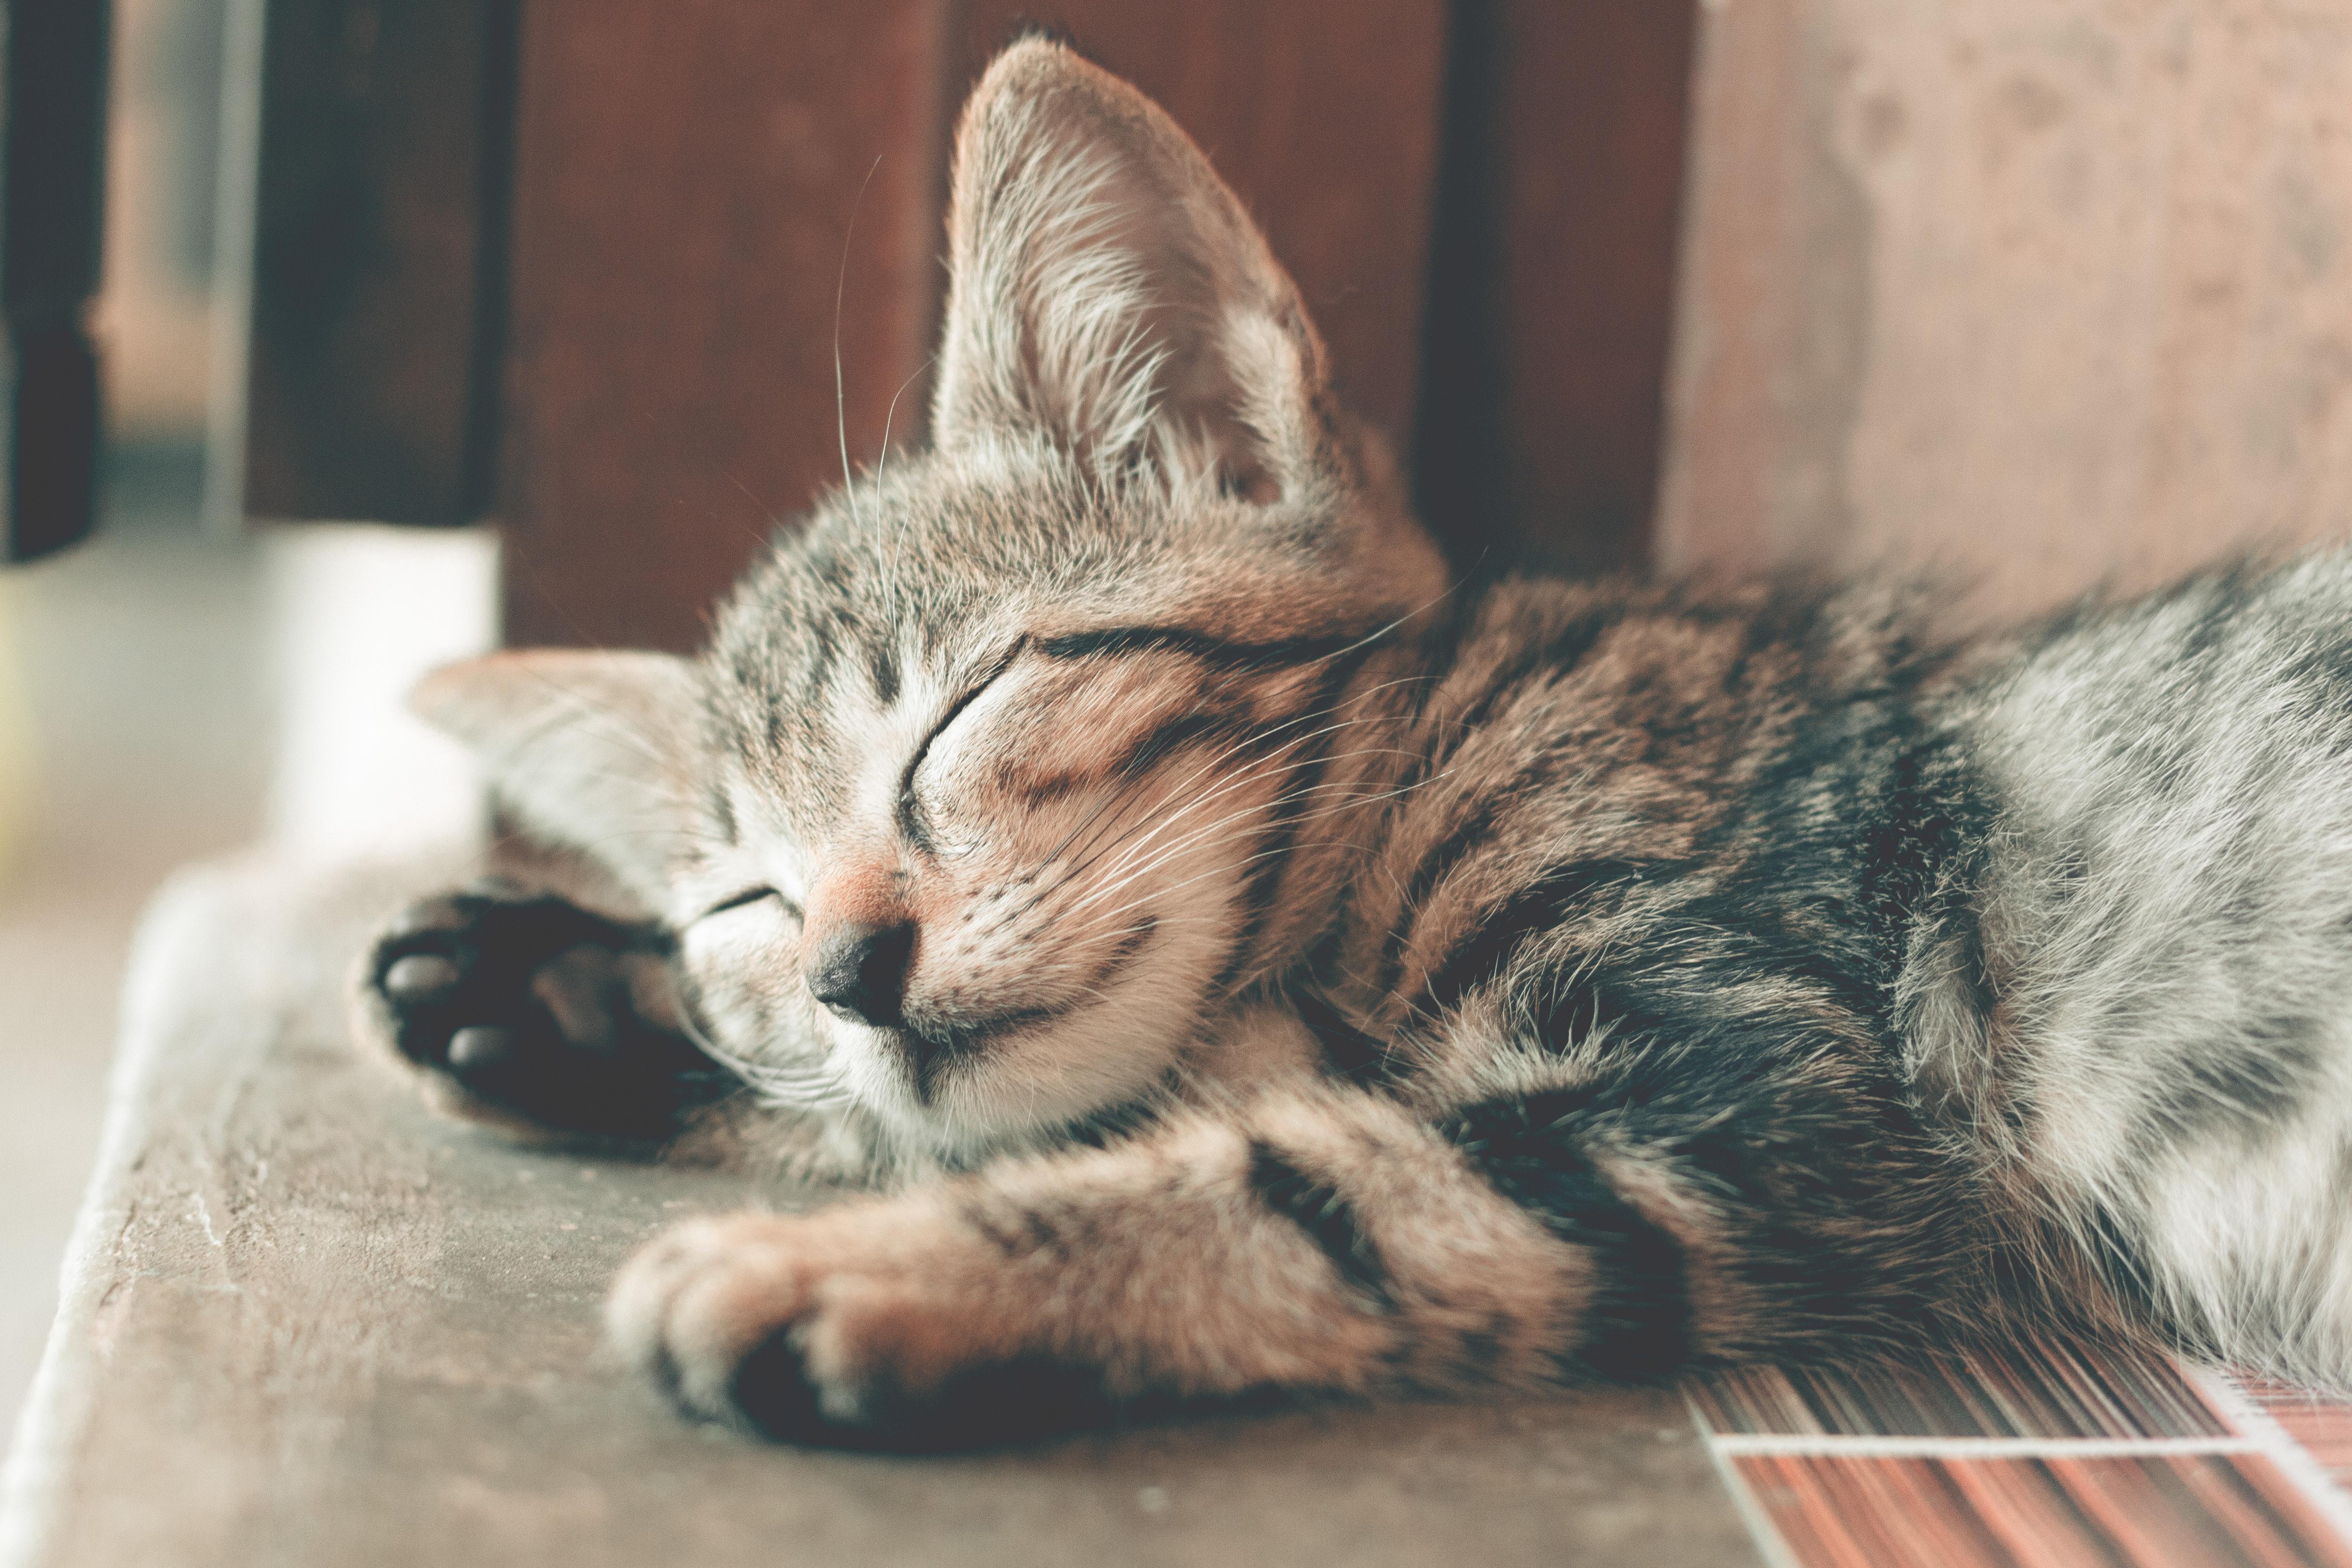 Luna and Bella top the list for cats. (Credit: Pexels)